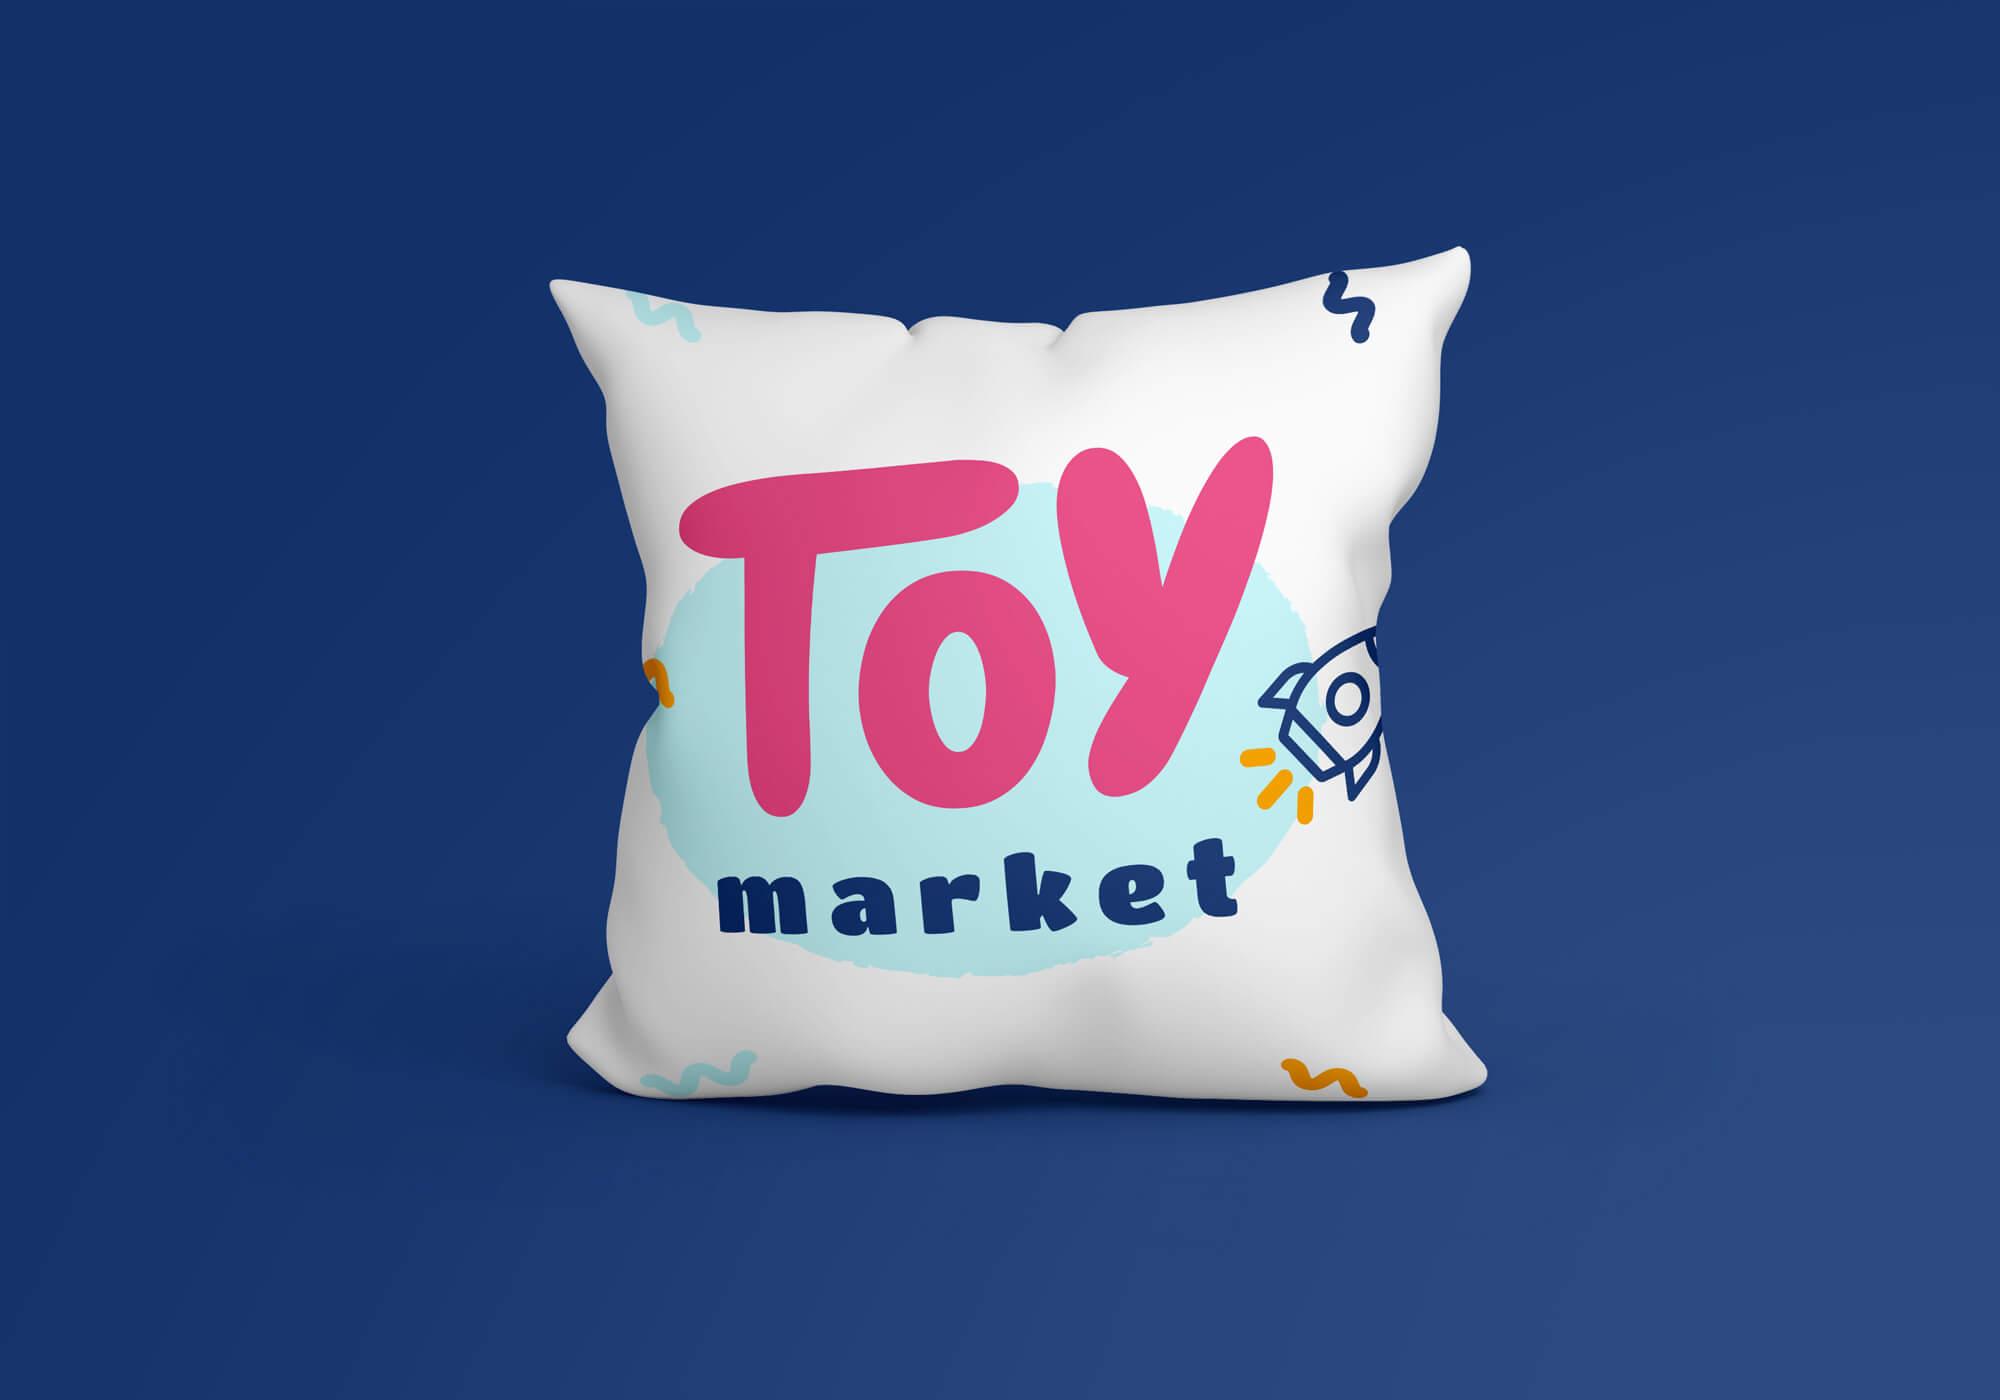 Moderné logo pre detský tovar hračiek